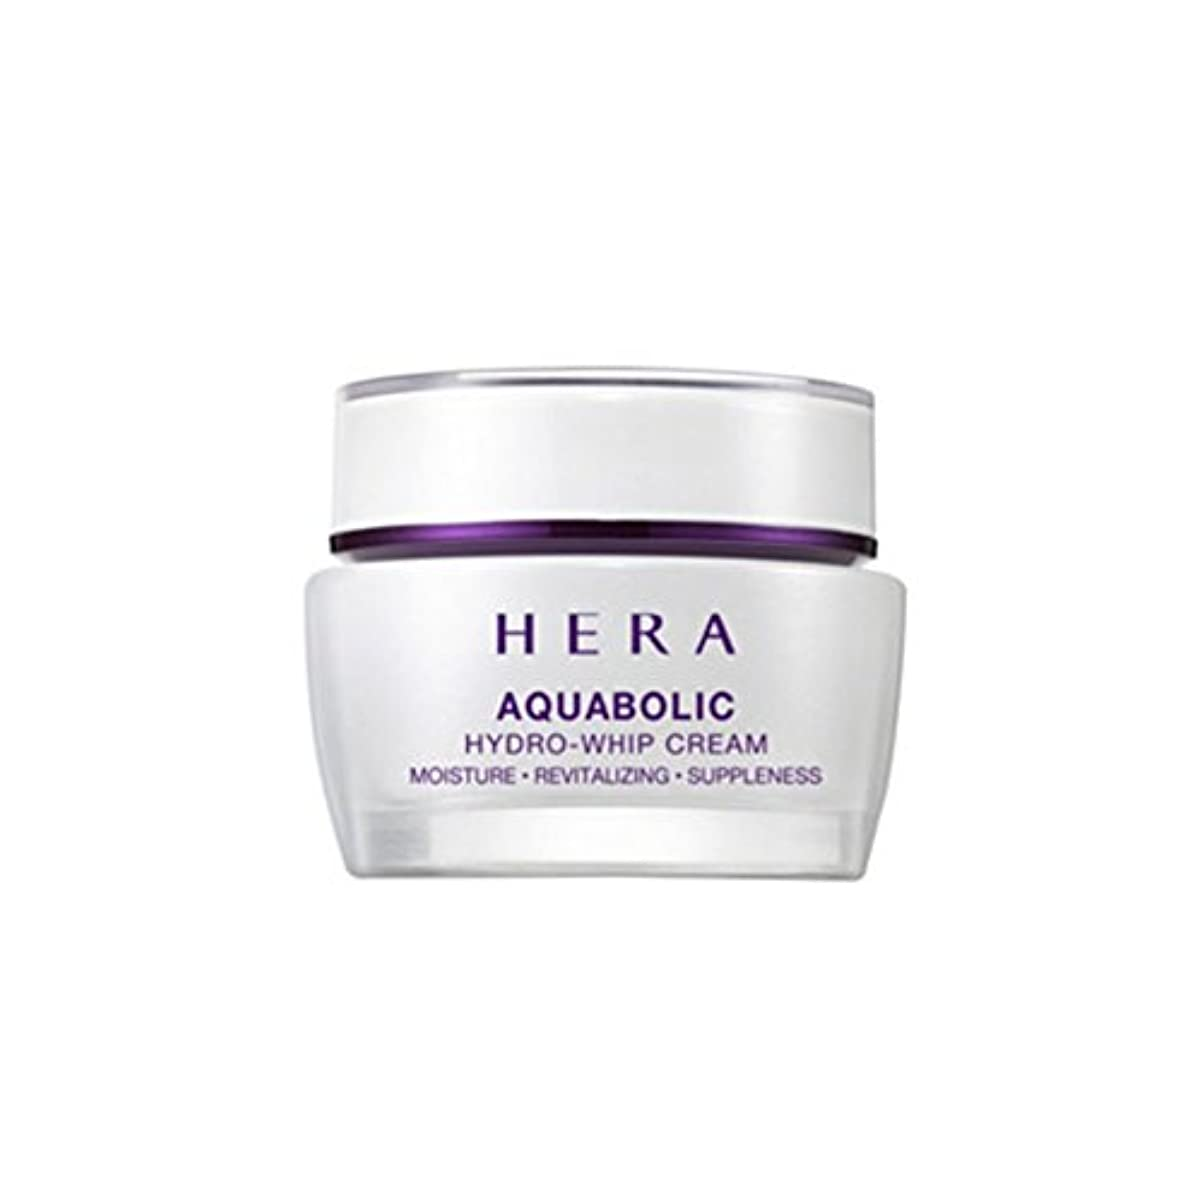 思いやりのあるパートナー凍った(ヘラ) HERA Aquabolic Hydro-Whip Cream アクアボリックハイドロホイップ クリーム (韓国直発送) oopspanda